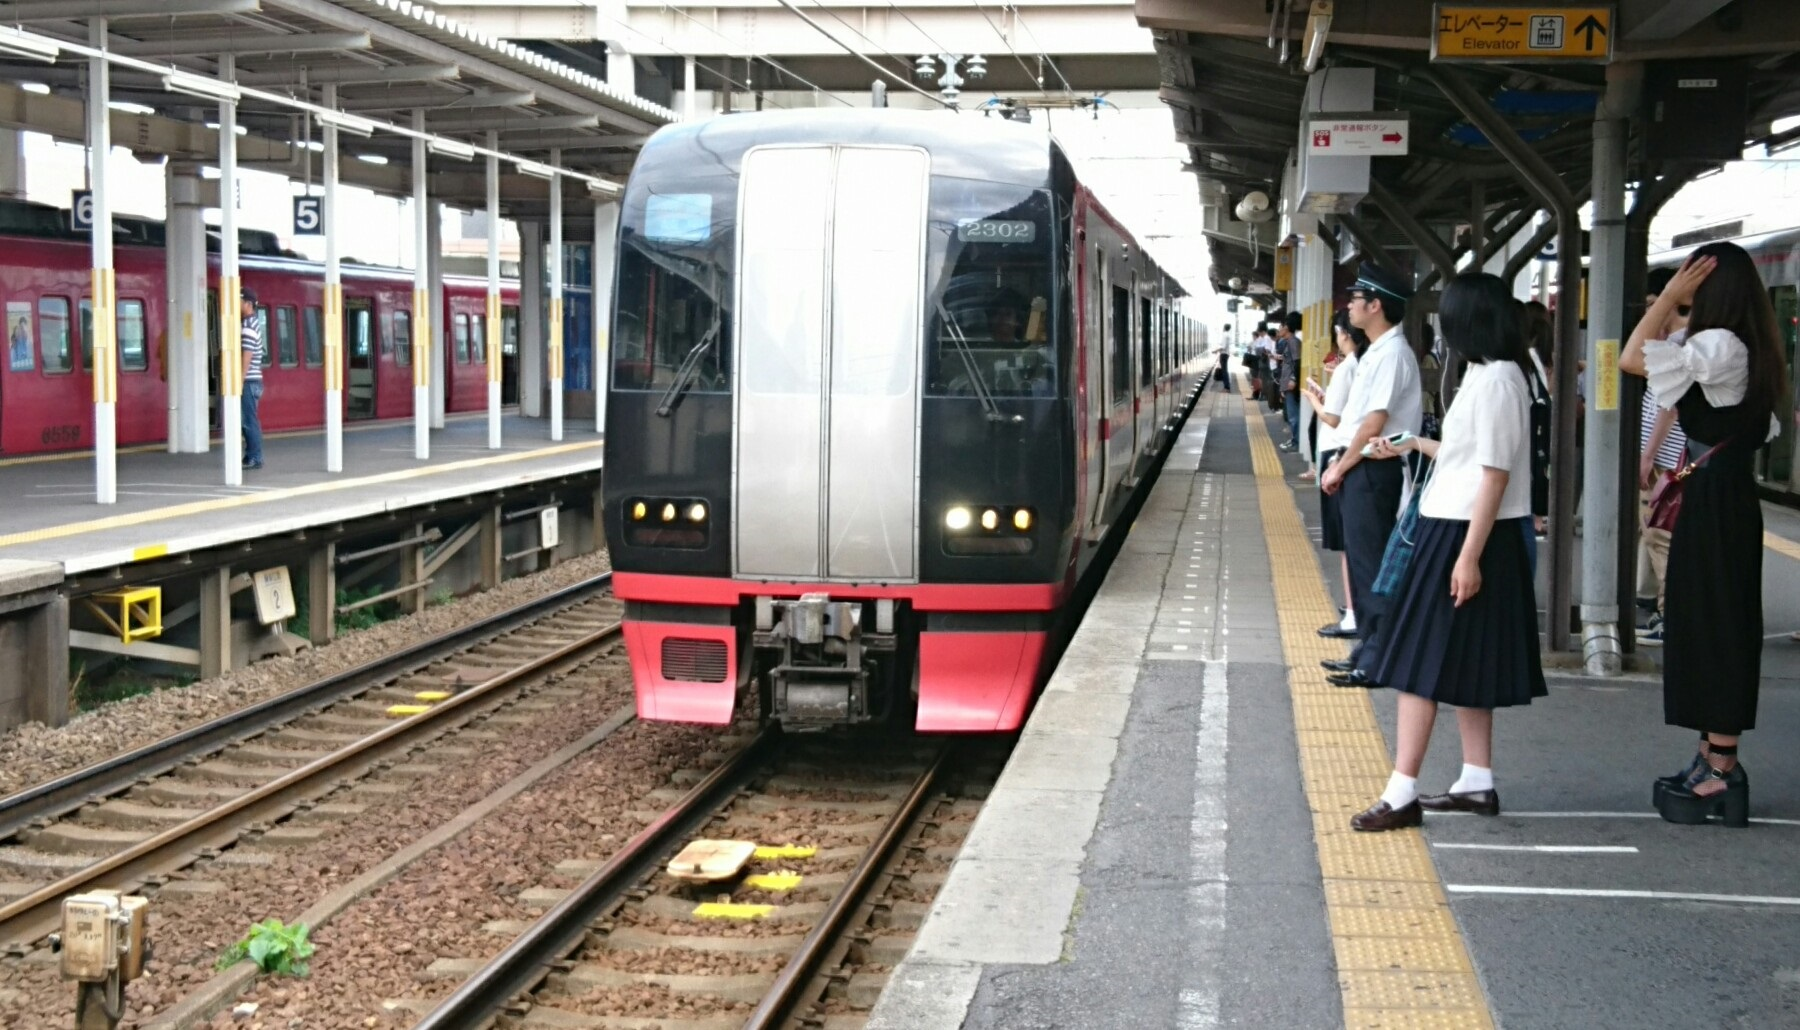 2017.7.13 名鉄 (5) しんあんじょう - 岐阜いき特急 1800-1030